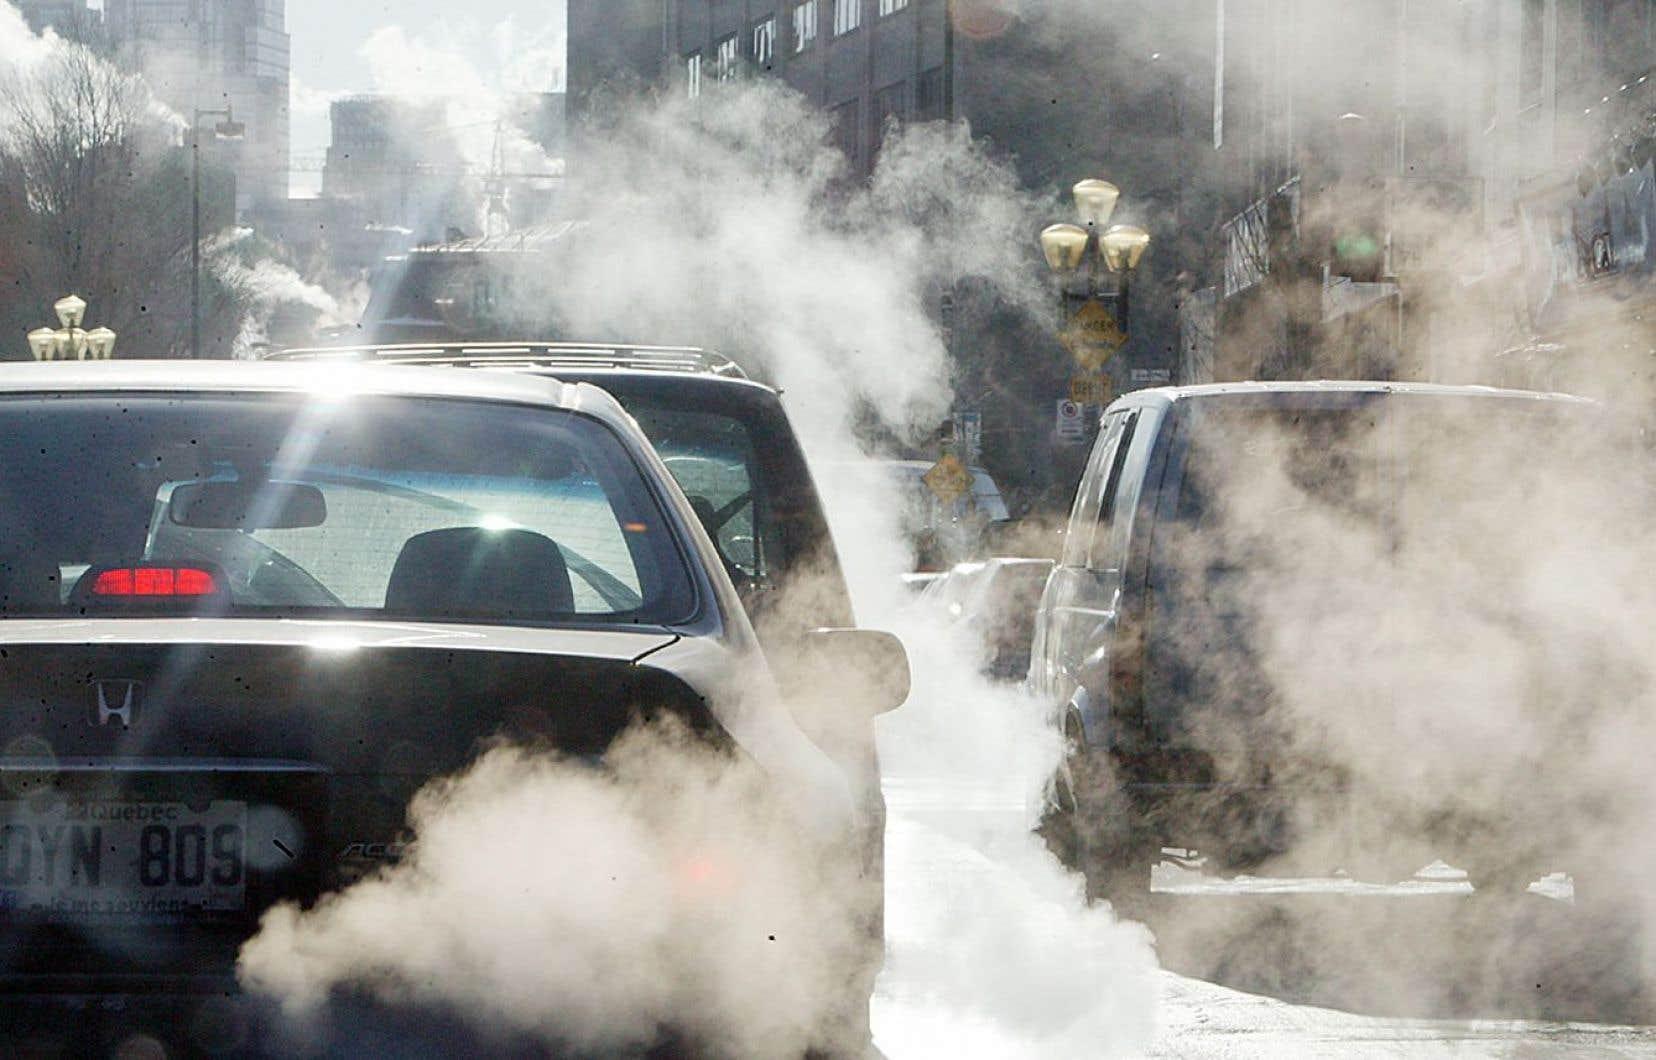 «En tant qu'utilisateurs finaux de l'énergie, lorsqu'on prend une décision d'achat d'un véhicule, par exemple, on doit pouvoir internaliser le coût relatif d'un choix par rapport à un autre», affirme Louis Thériault, du Conference Board.